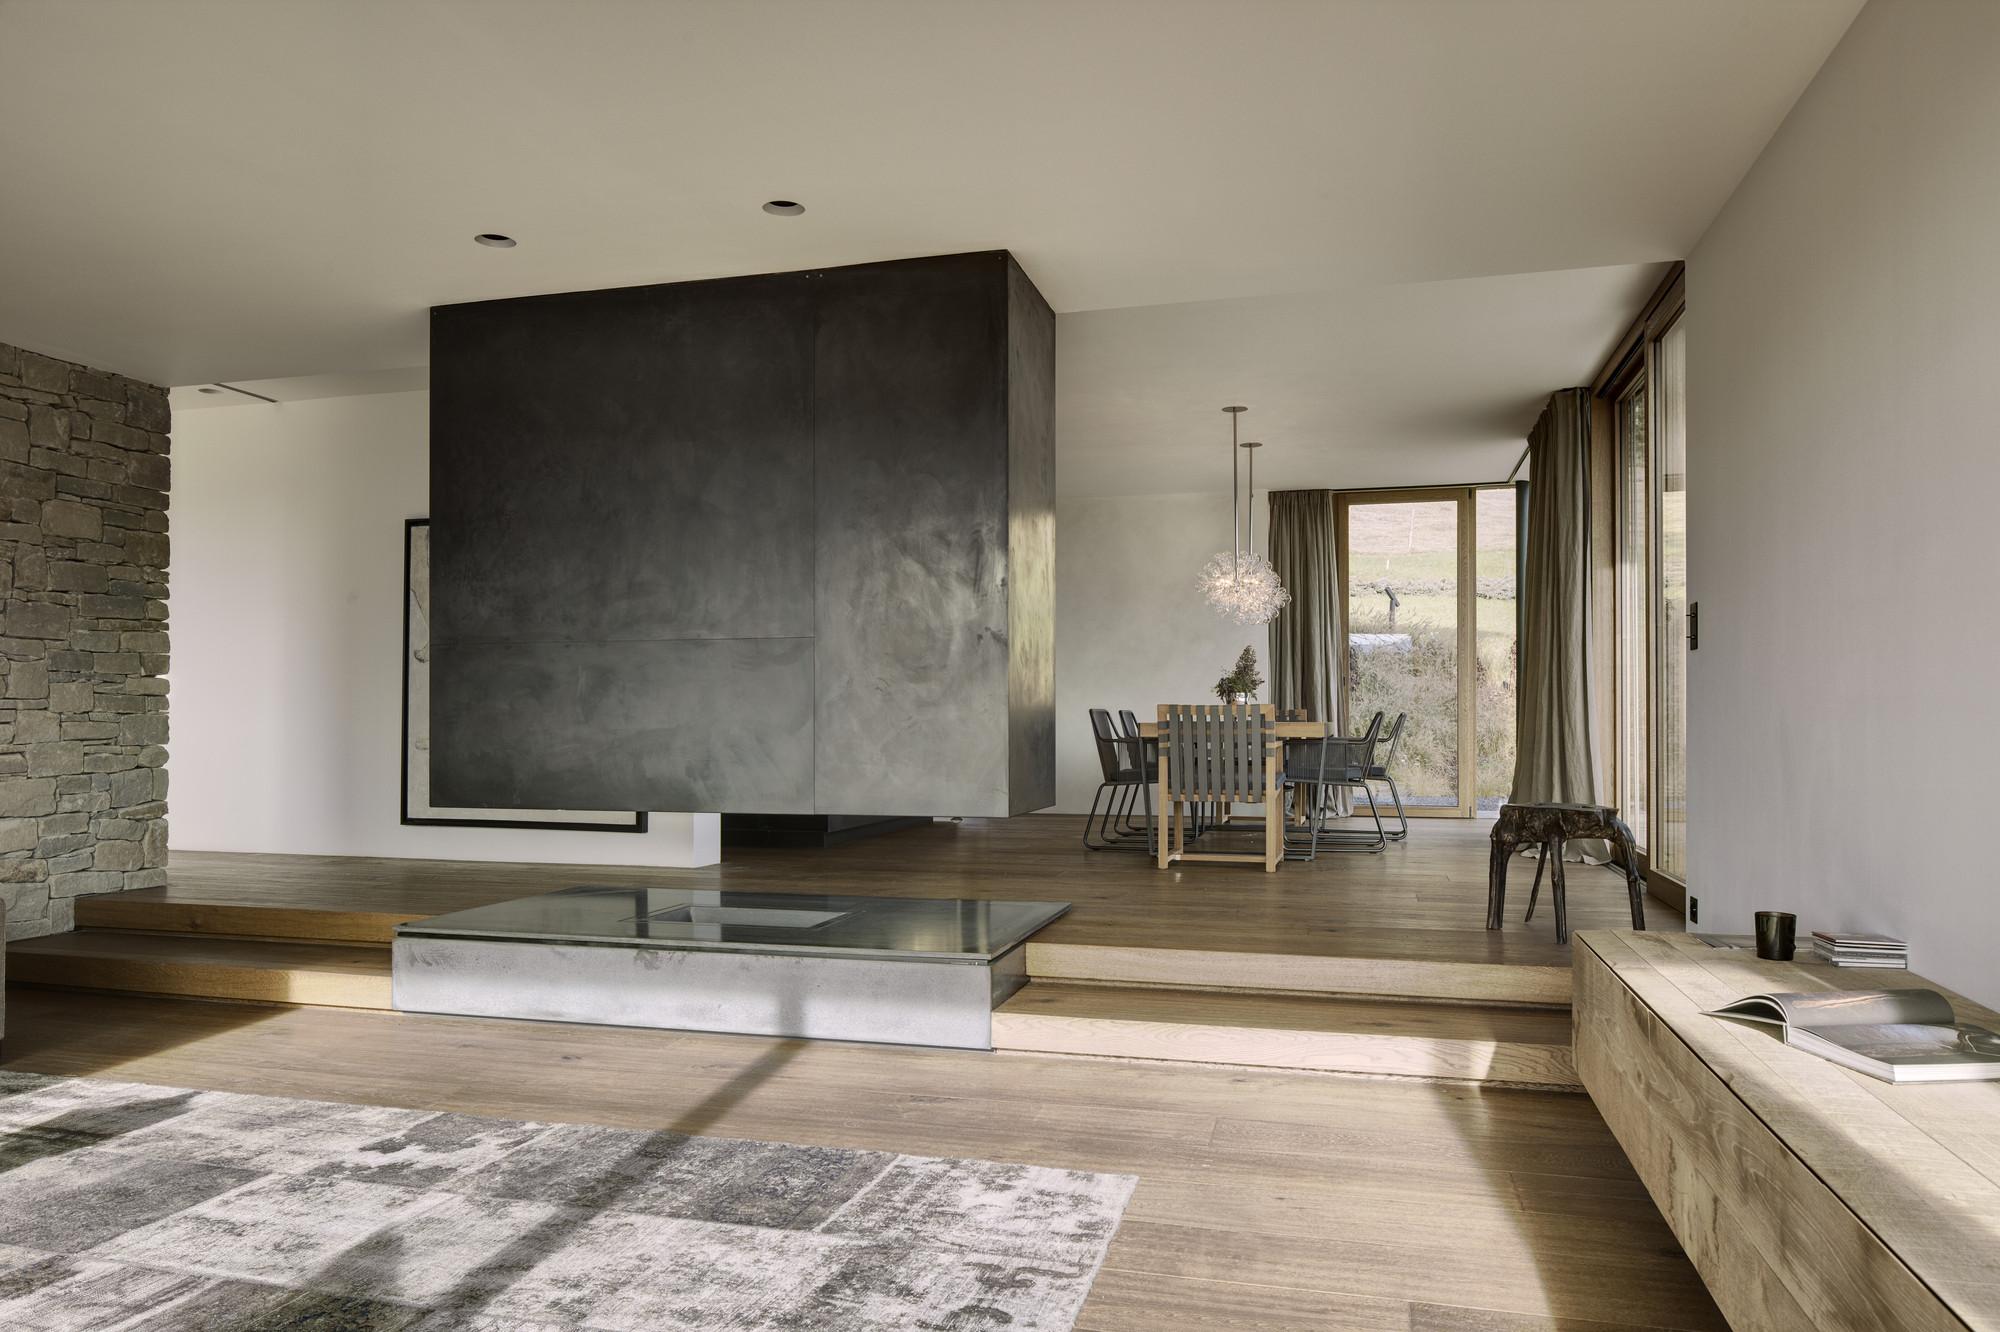 Gallery Of Haus Wiesenhof Gogl Architekten 10